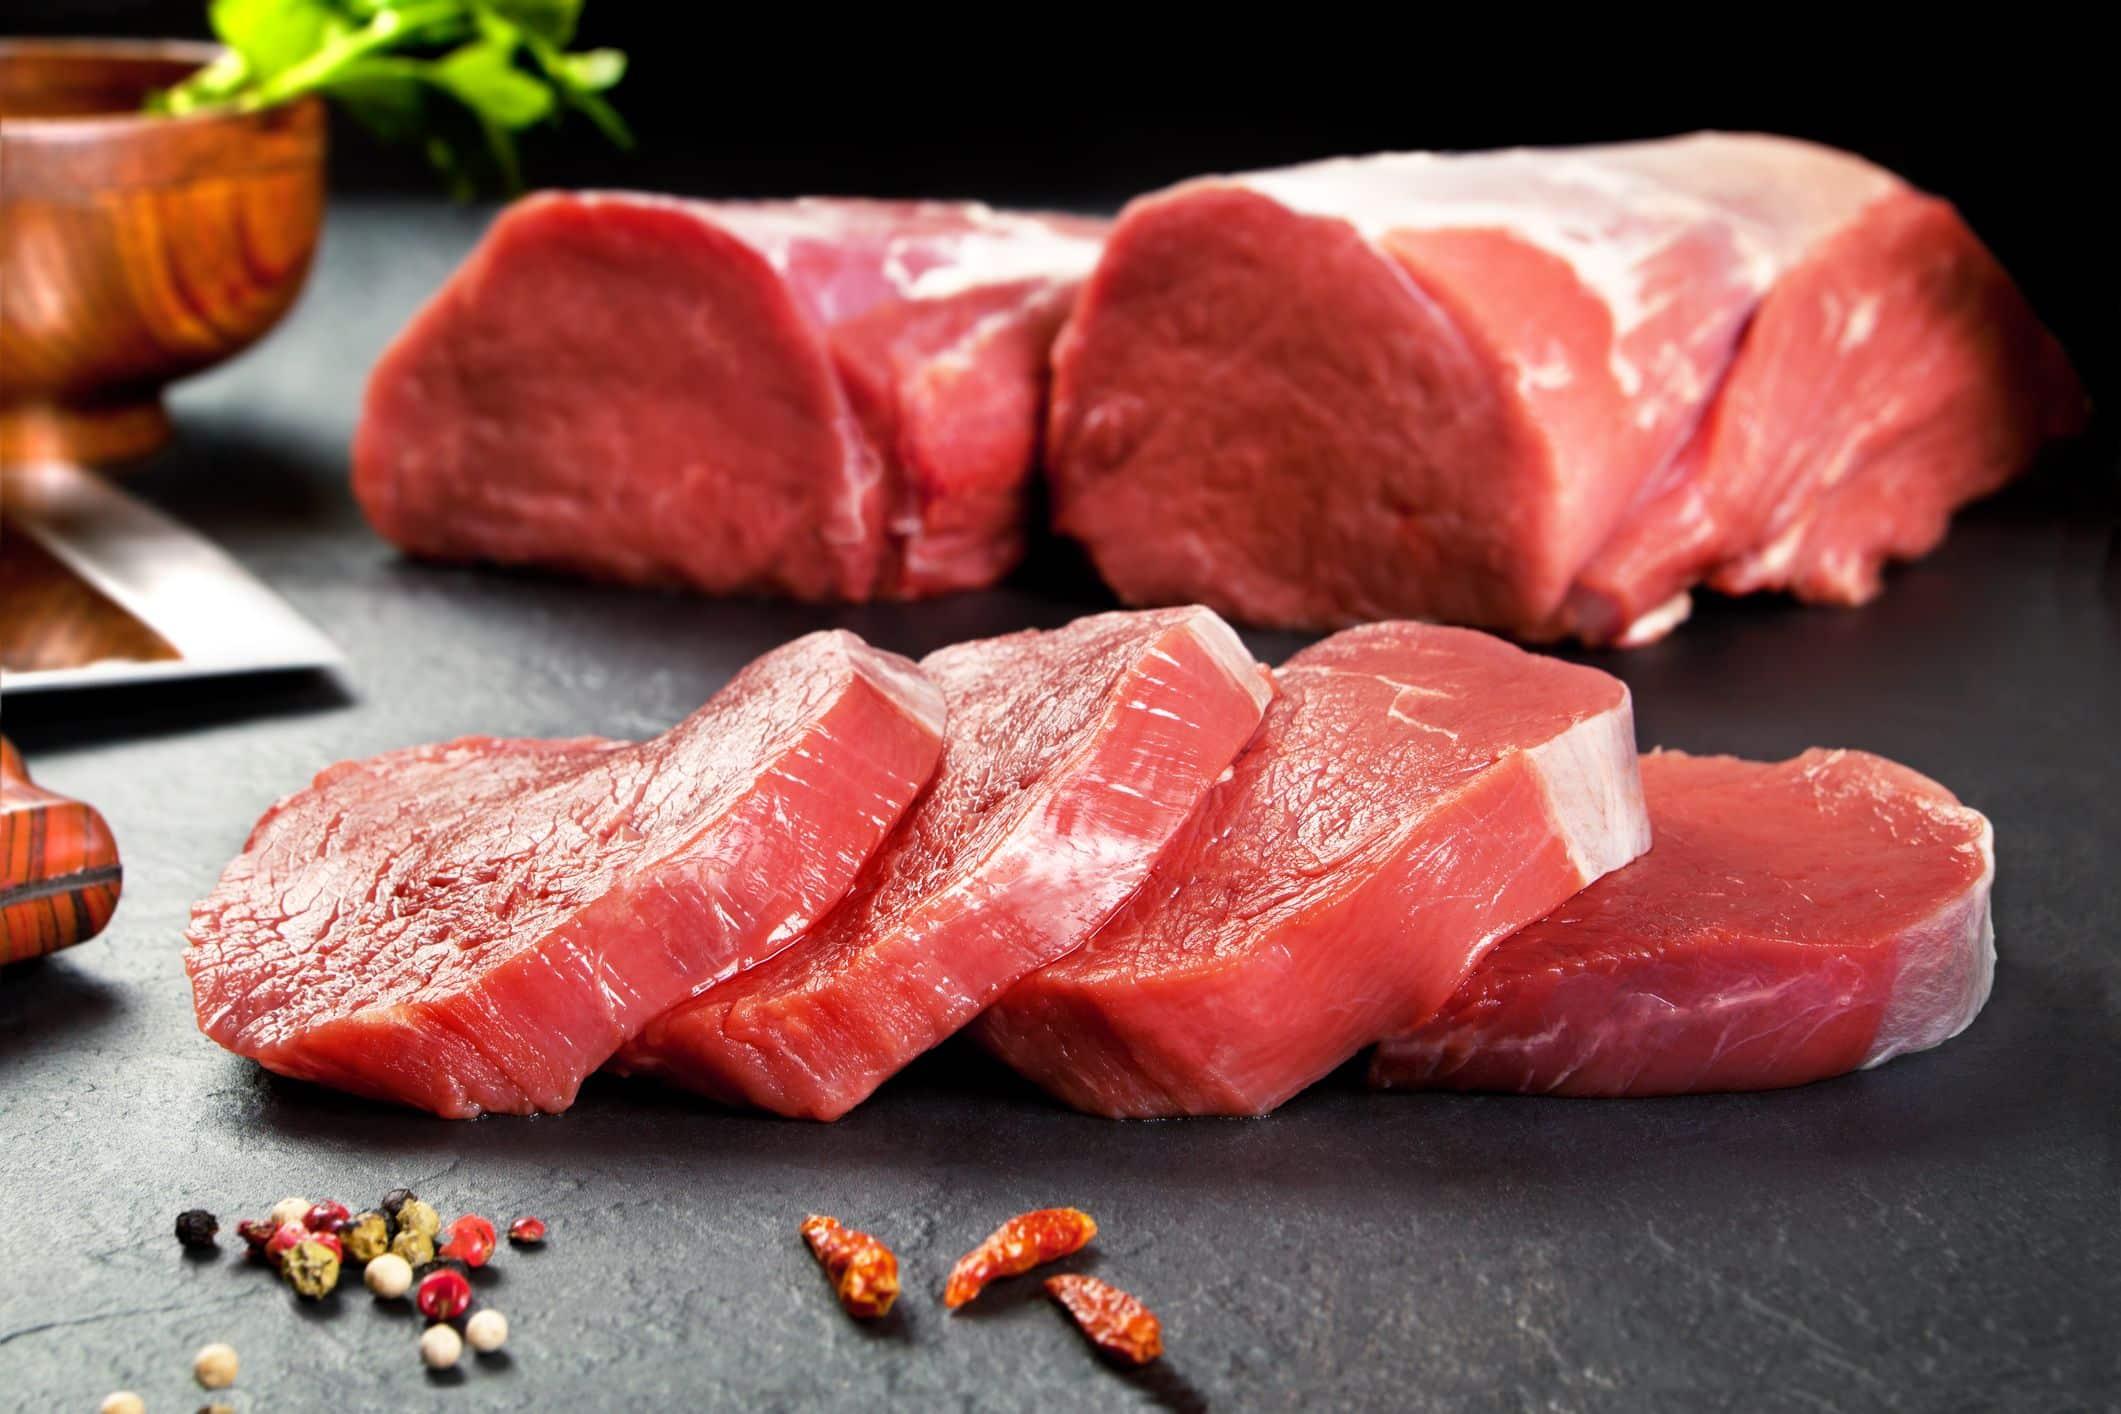 manfaat daging sapi untuk kesehatan tubuh